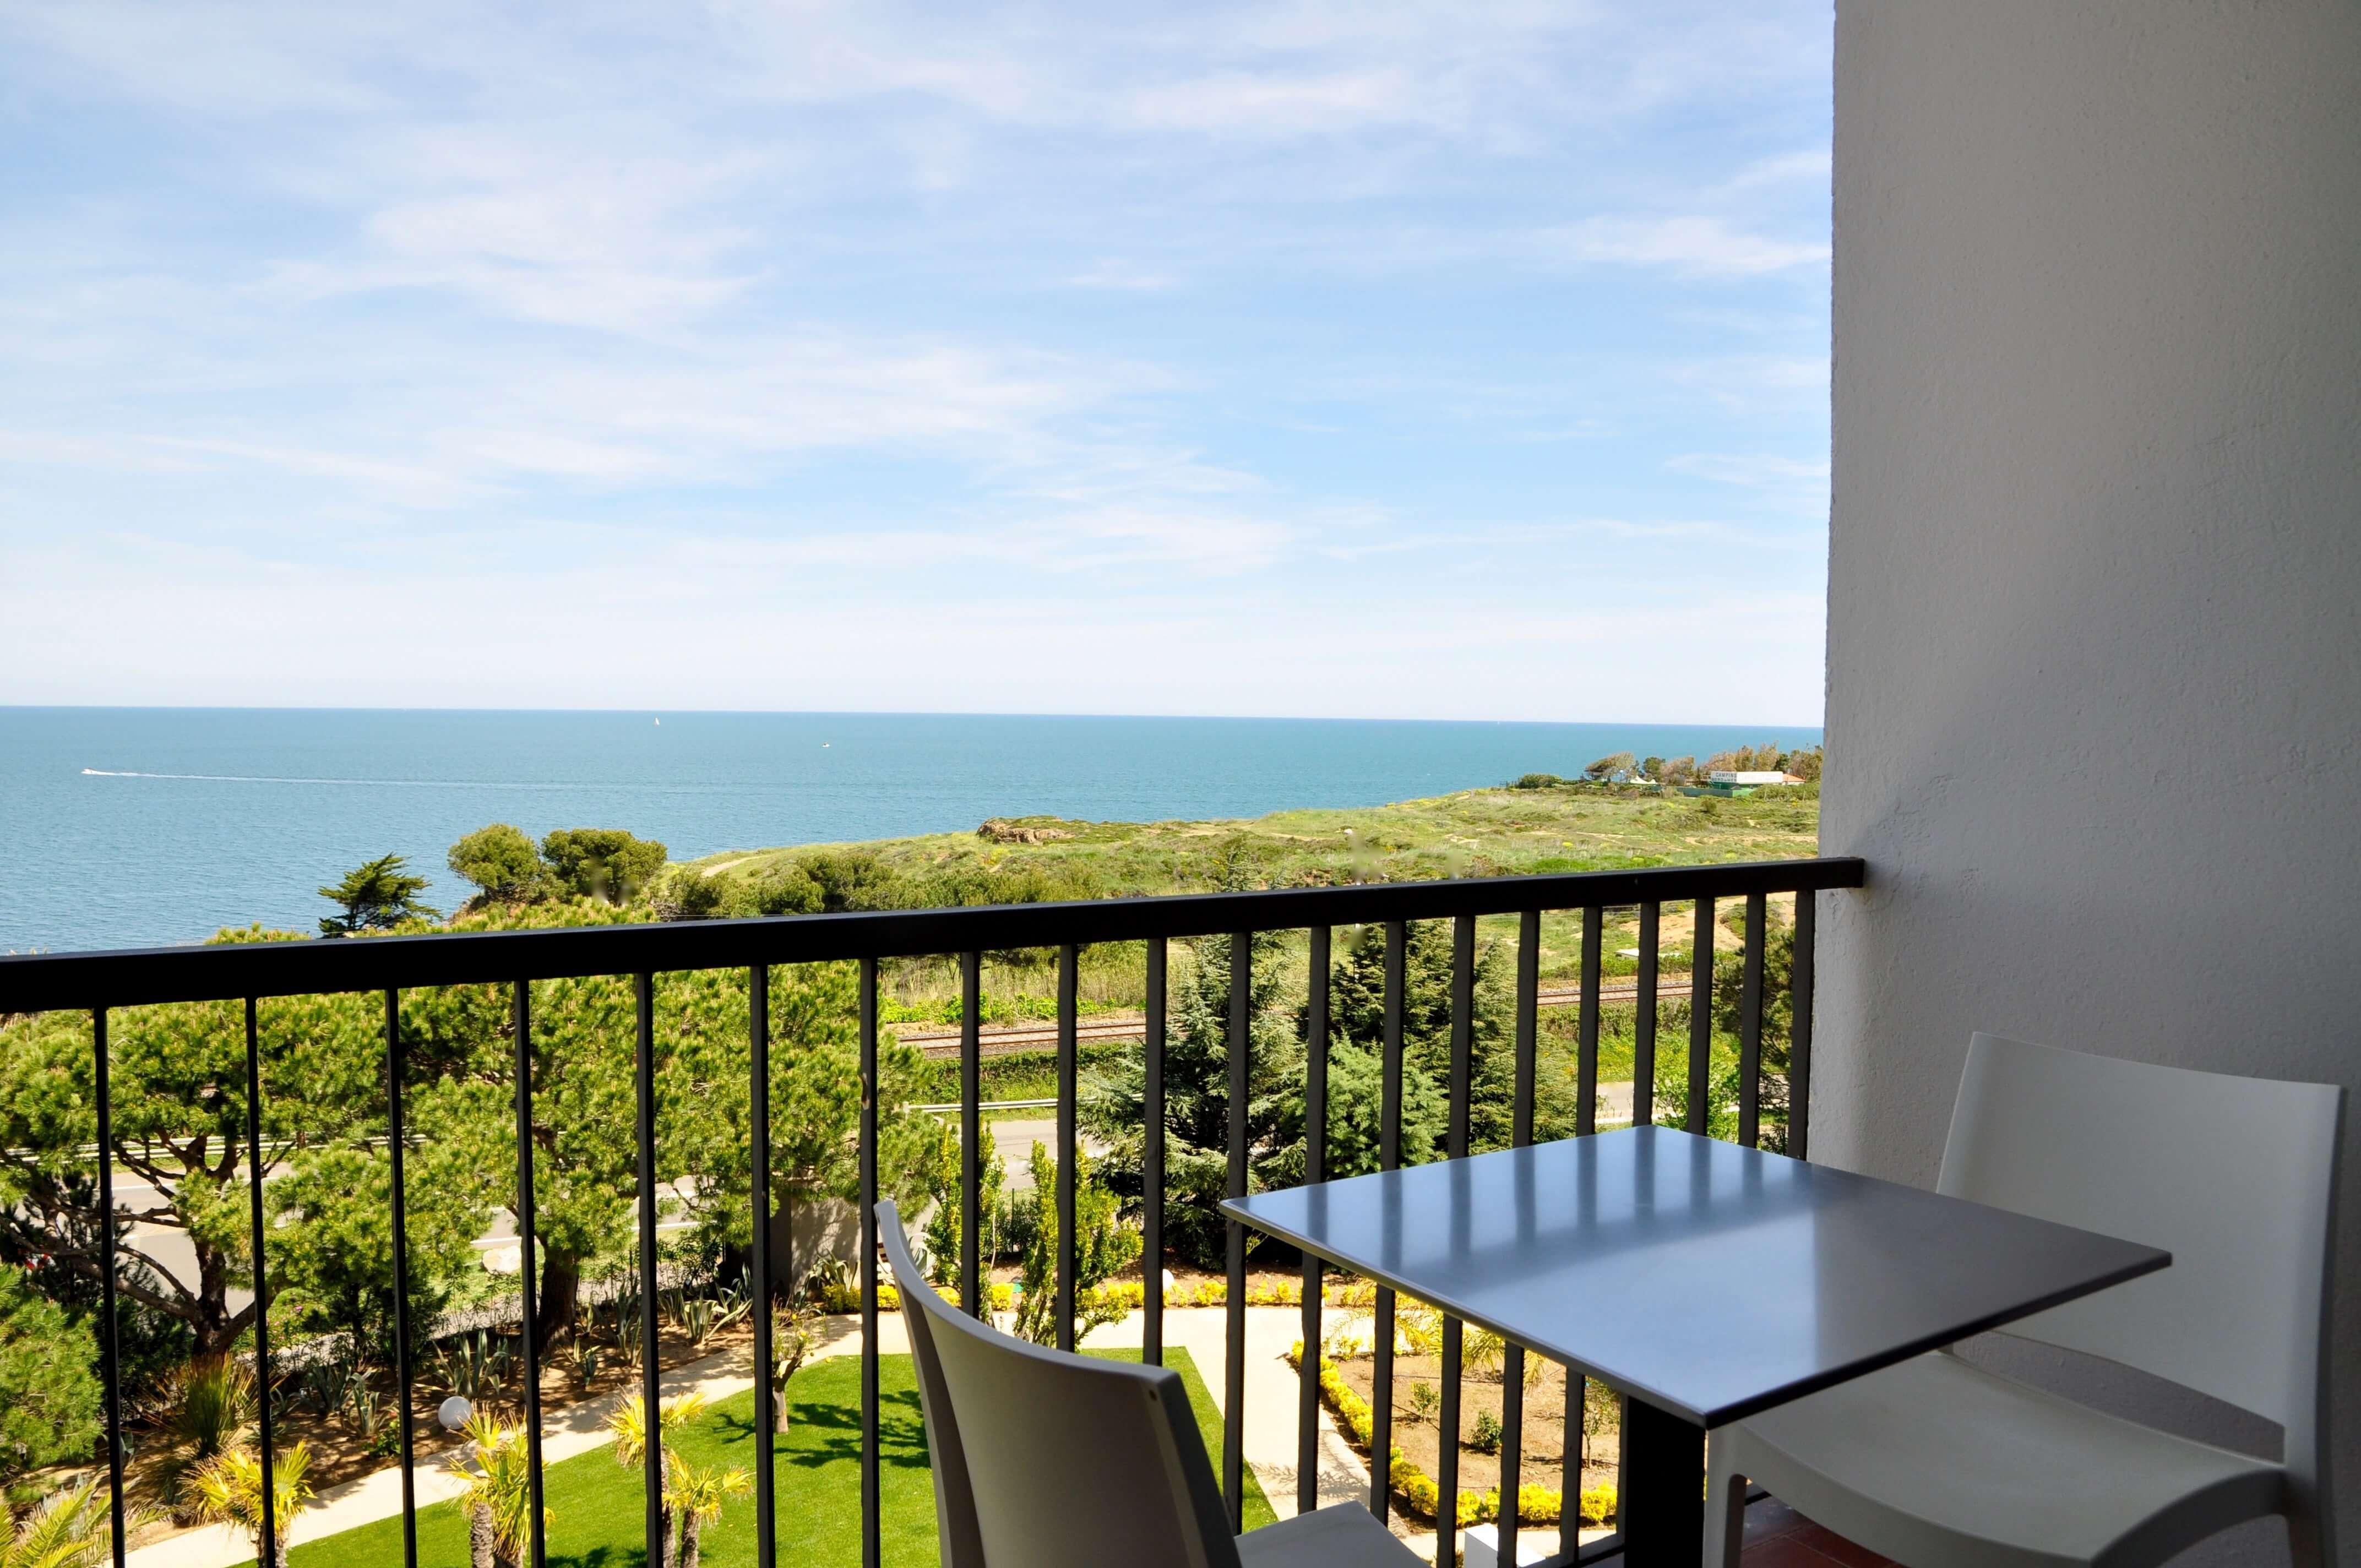 vue sur mer à collioure grand hotel du golfe